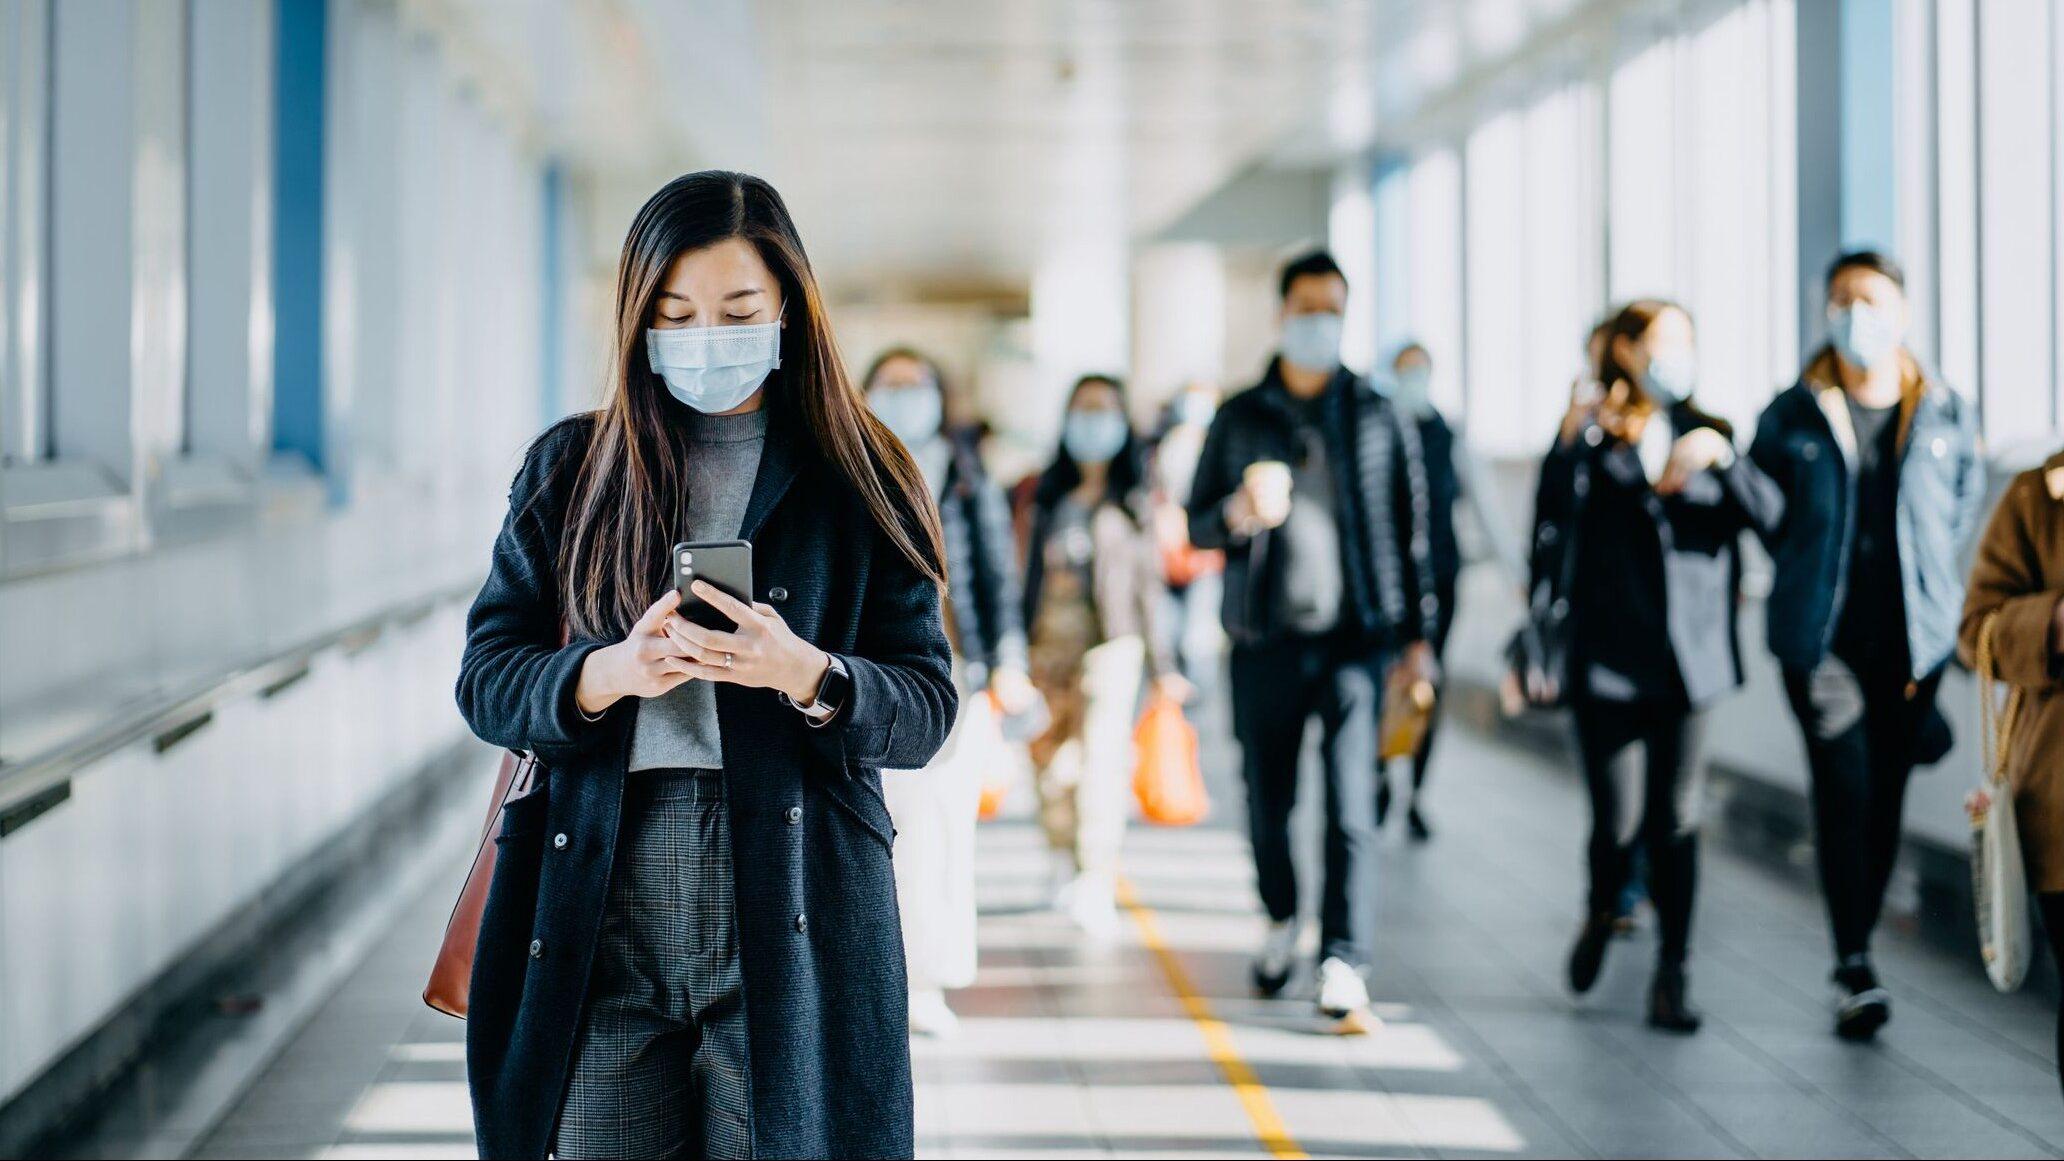 Companhias aéreas vão exigir uso de máscaras em todos os voos